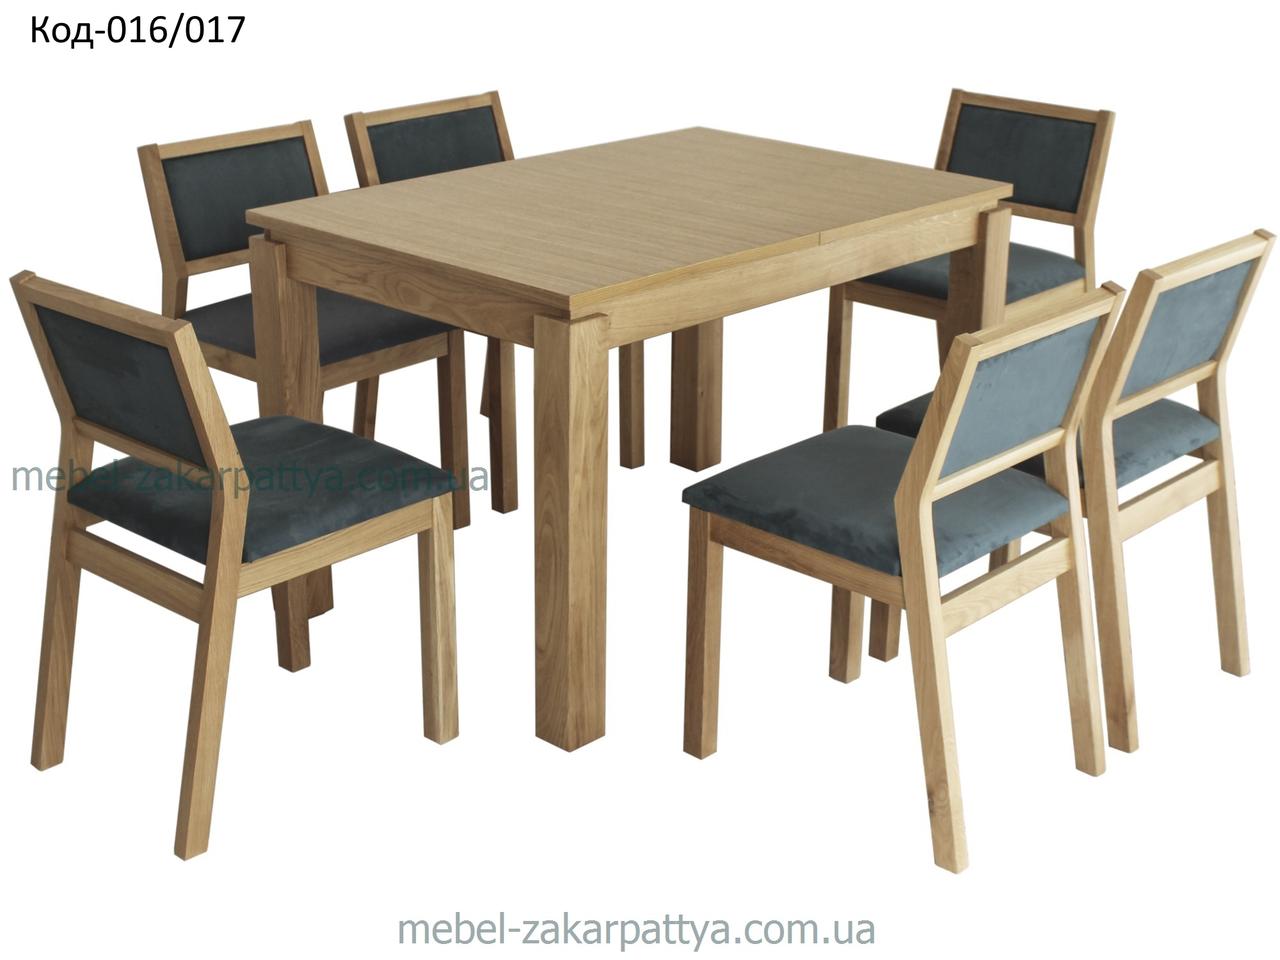 Комплект стол и стулья на кухню Код-016/017